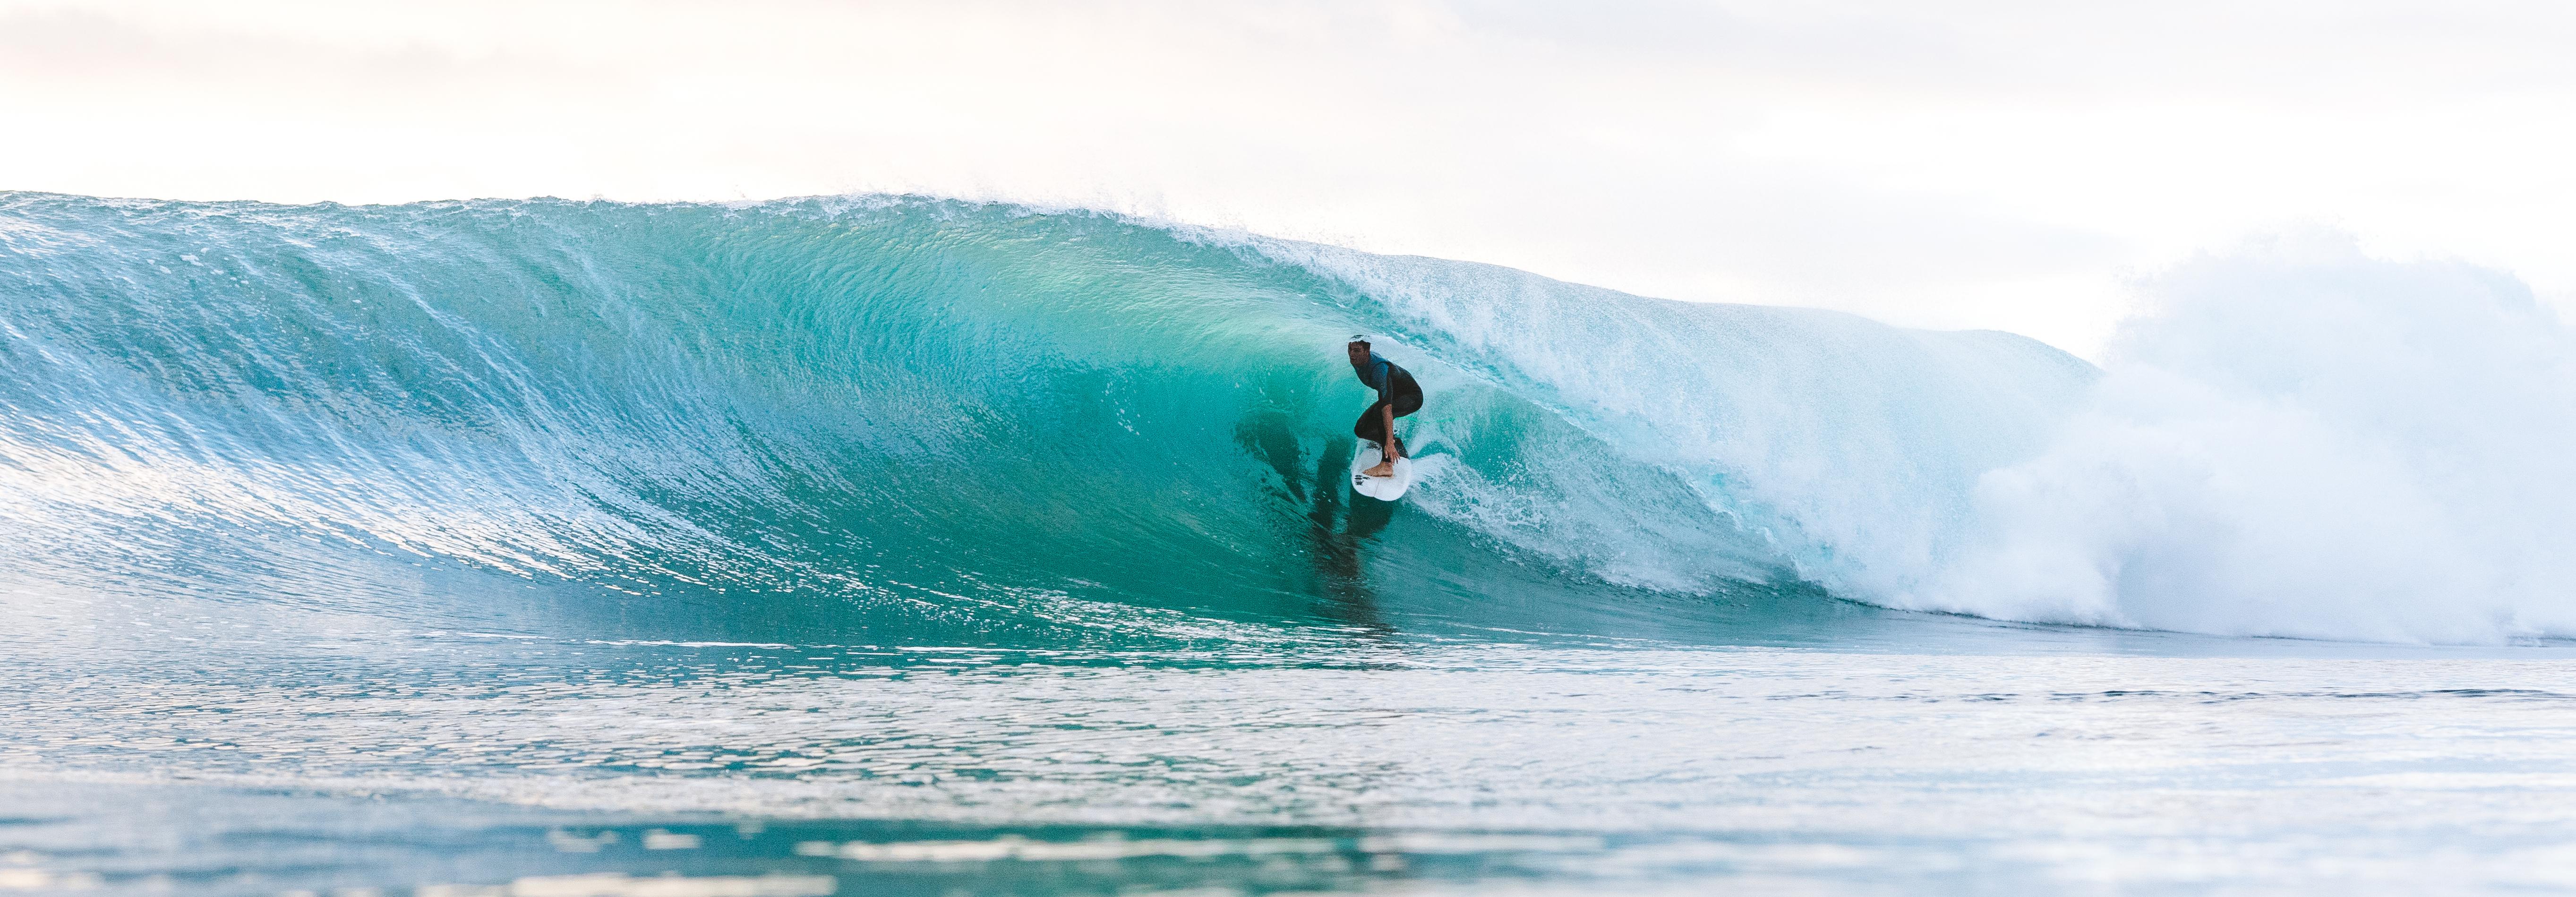 Surfing Water Activities New Zealand